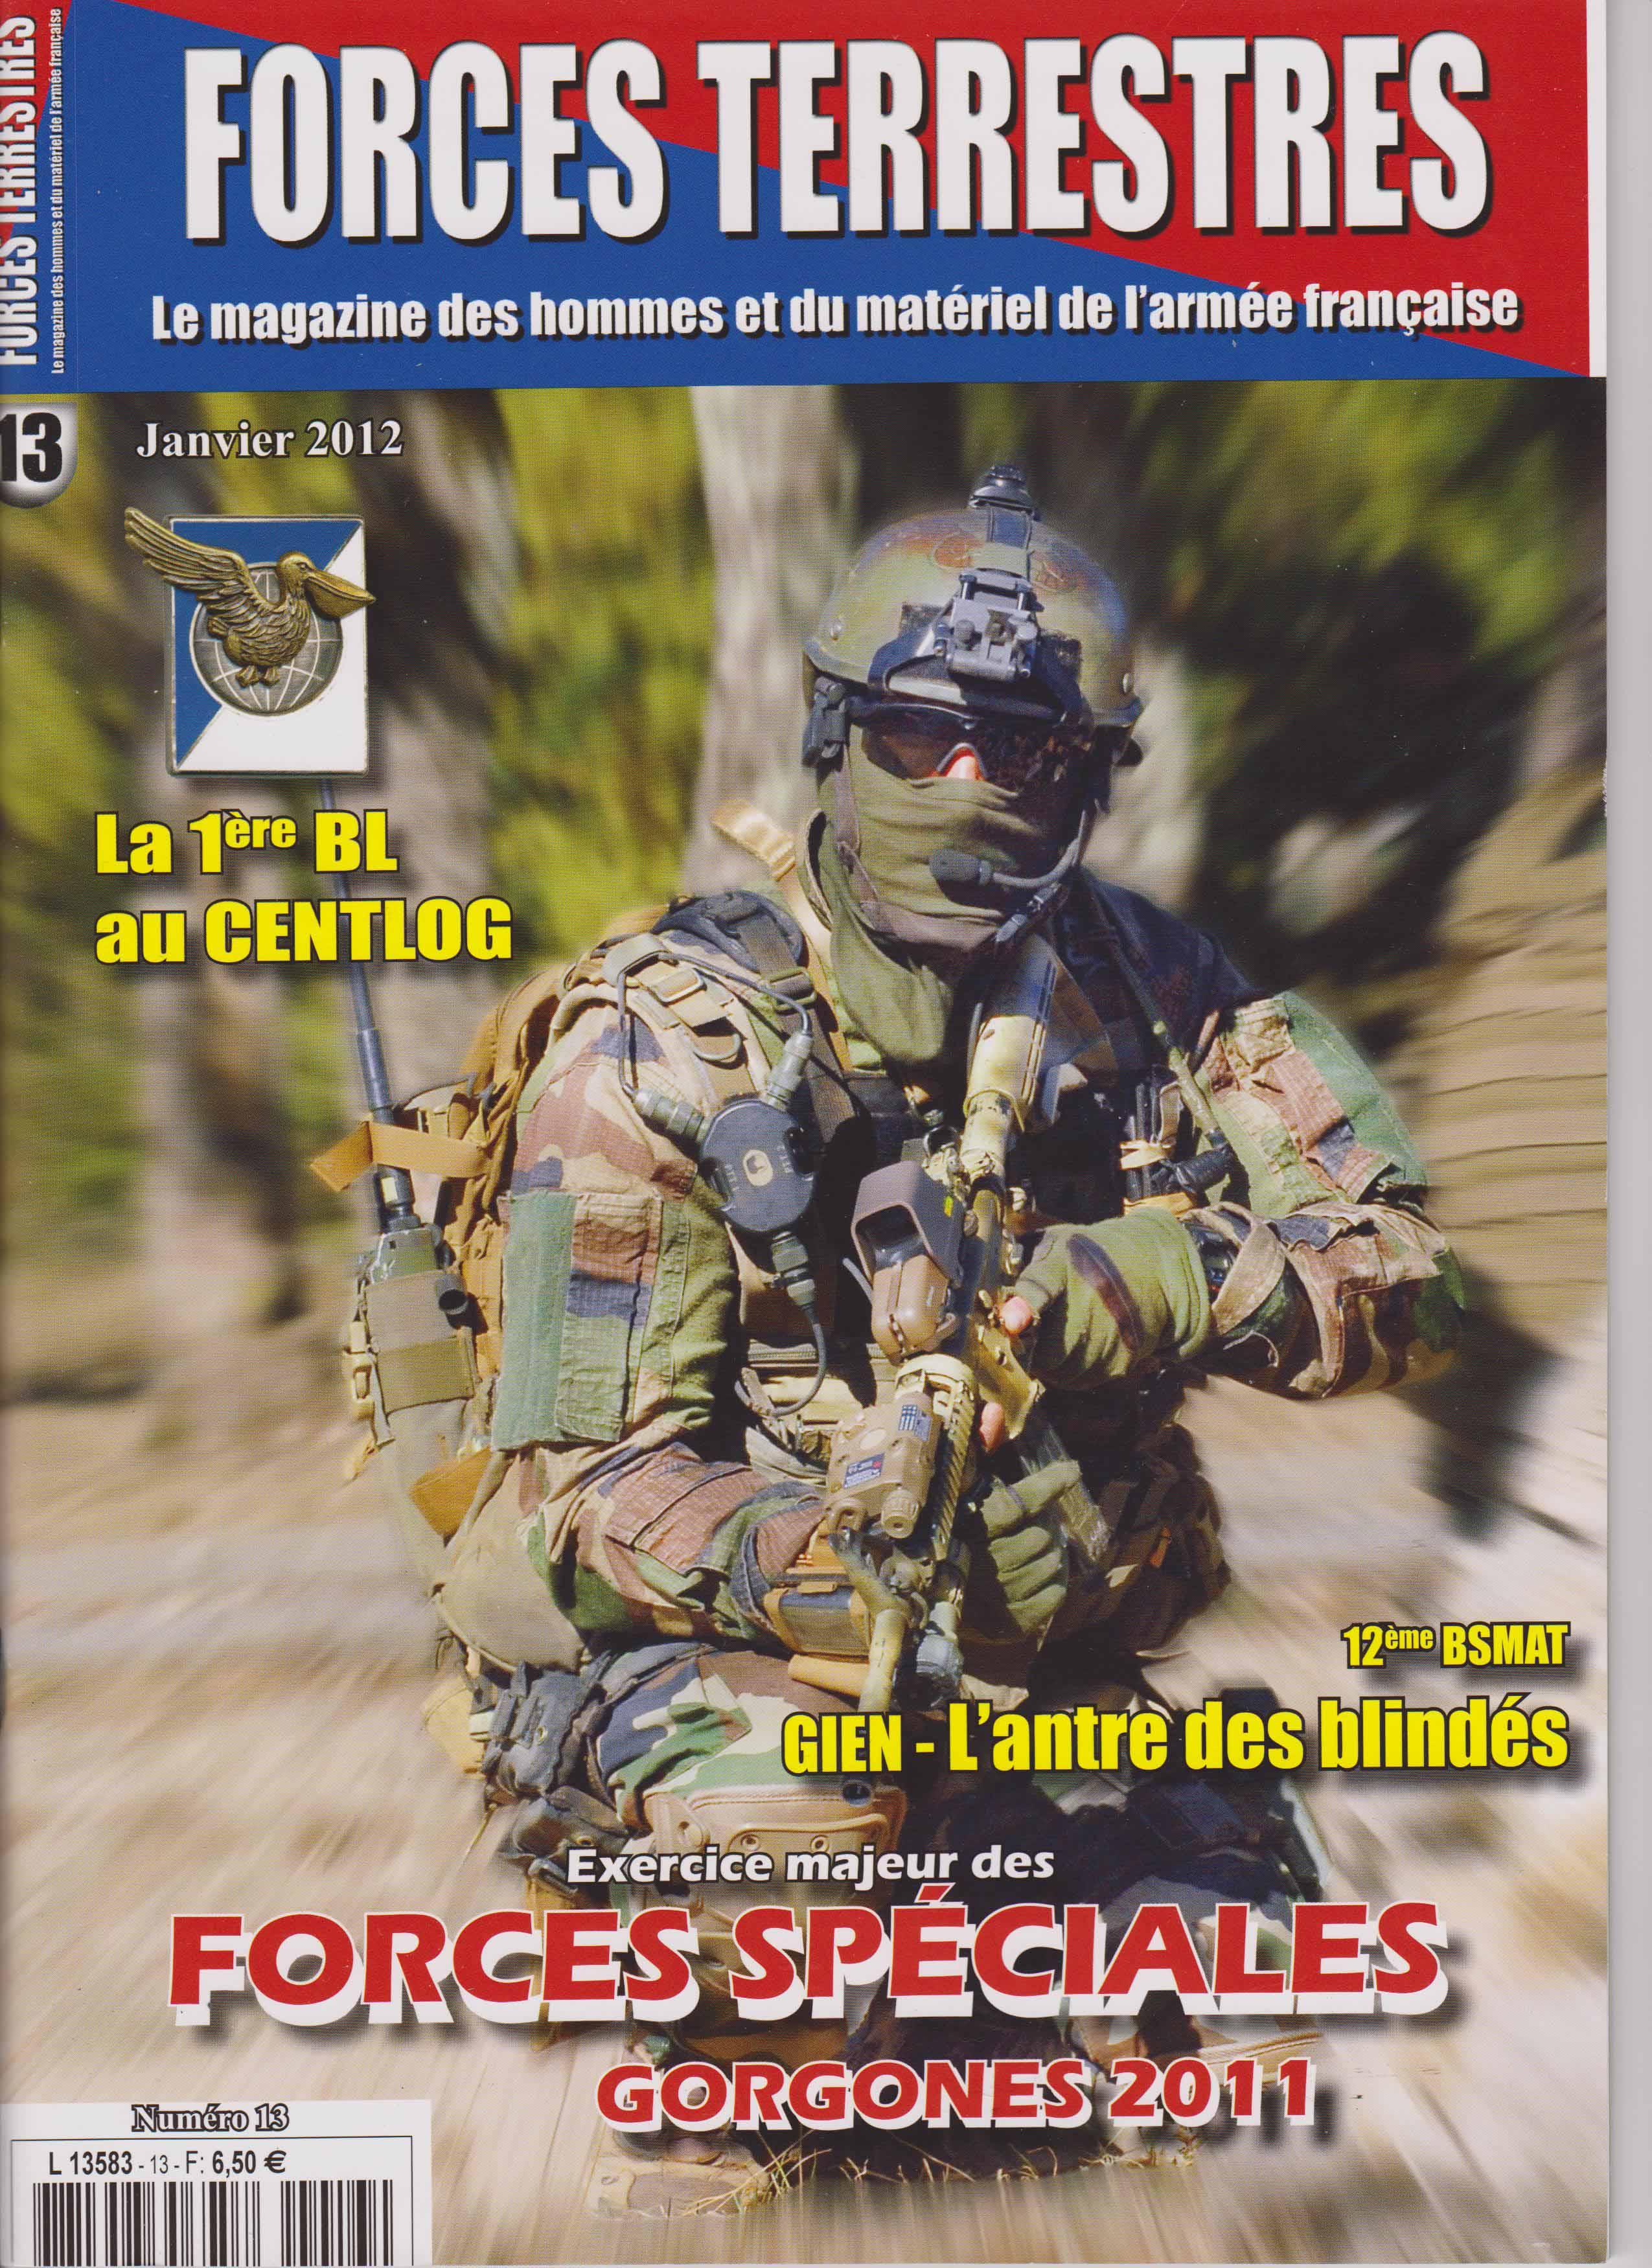 Forces Terrestres N°13 (Etranger)